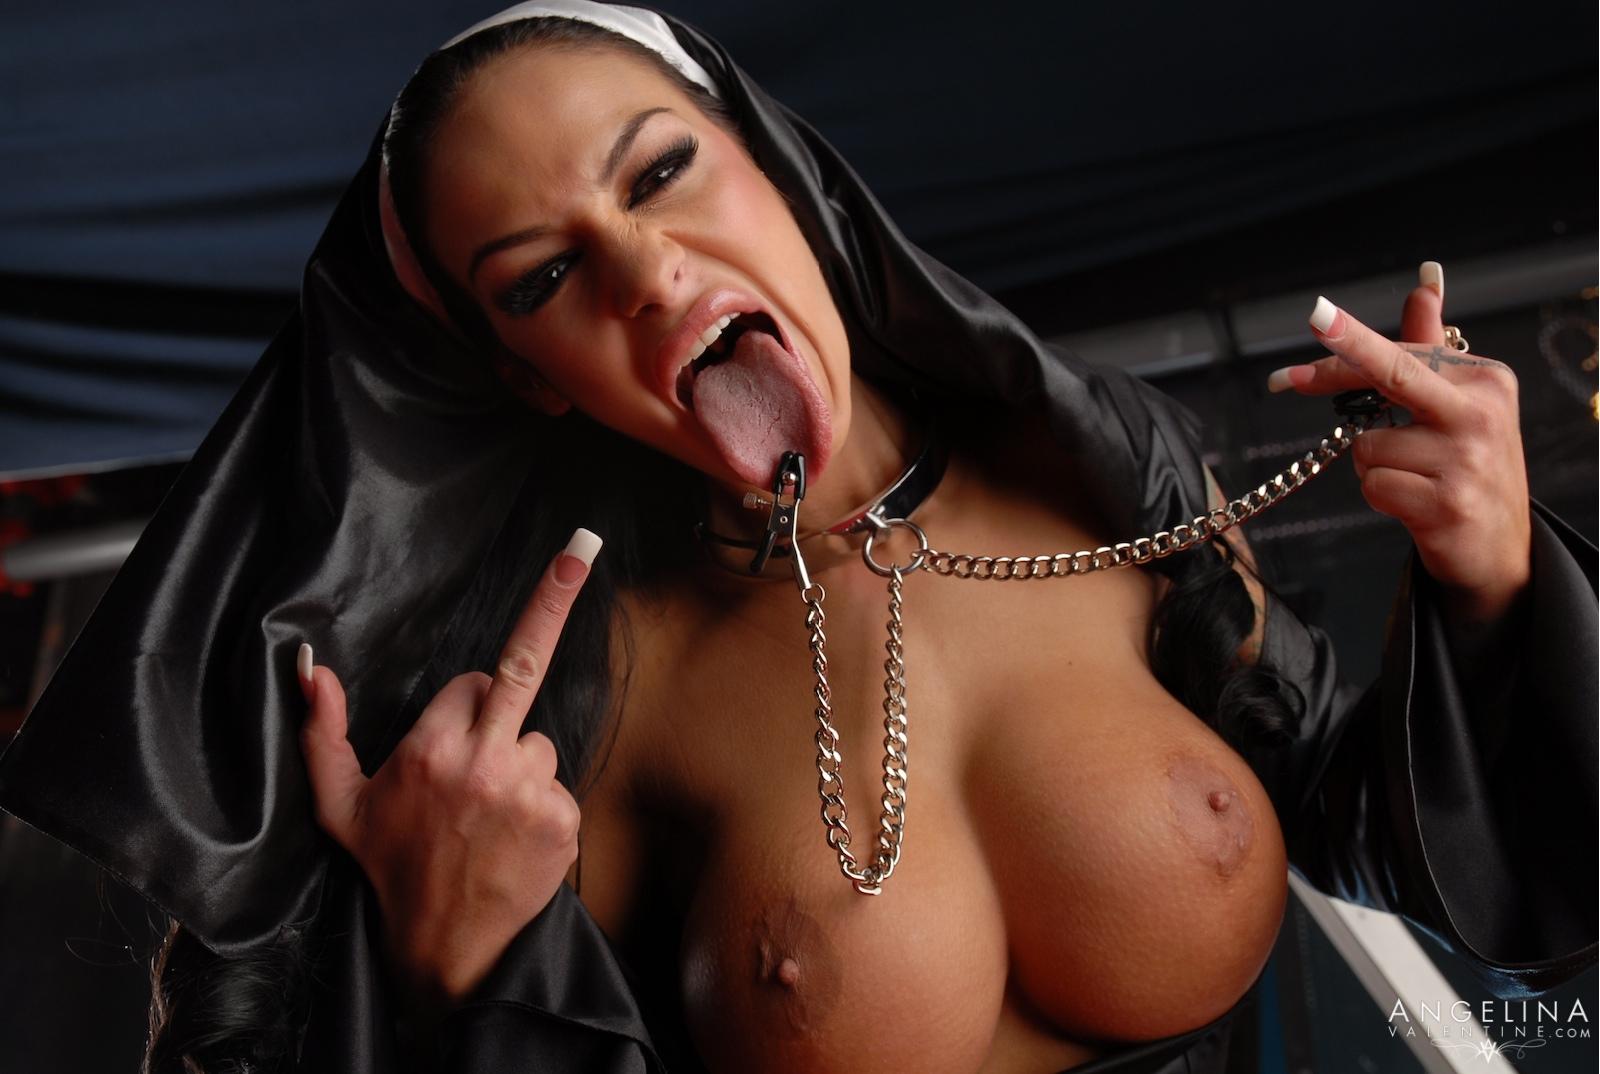 Рассказы секс в монастыре порно, От монастыря до групповухи Эротические рассказы 22 фотография